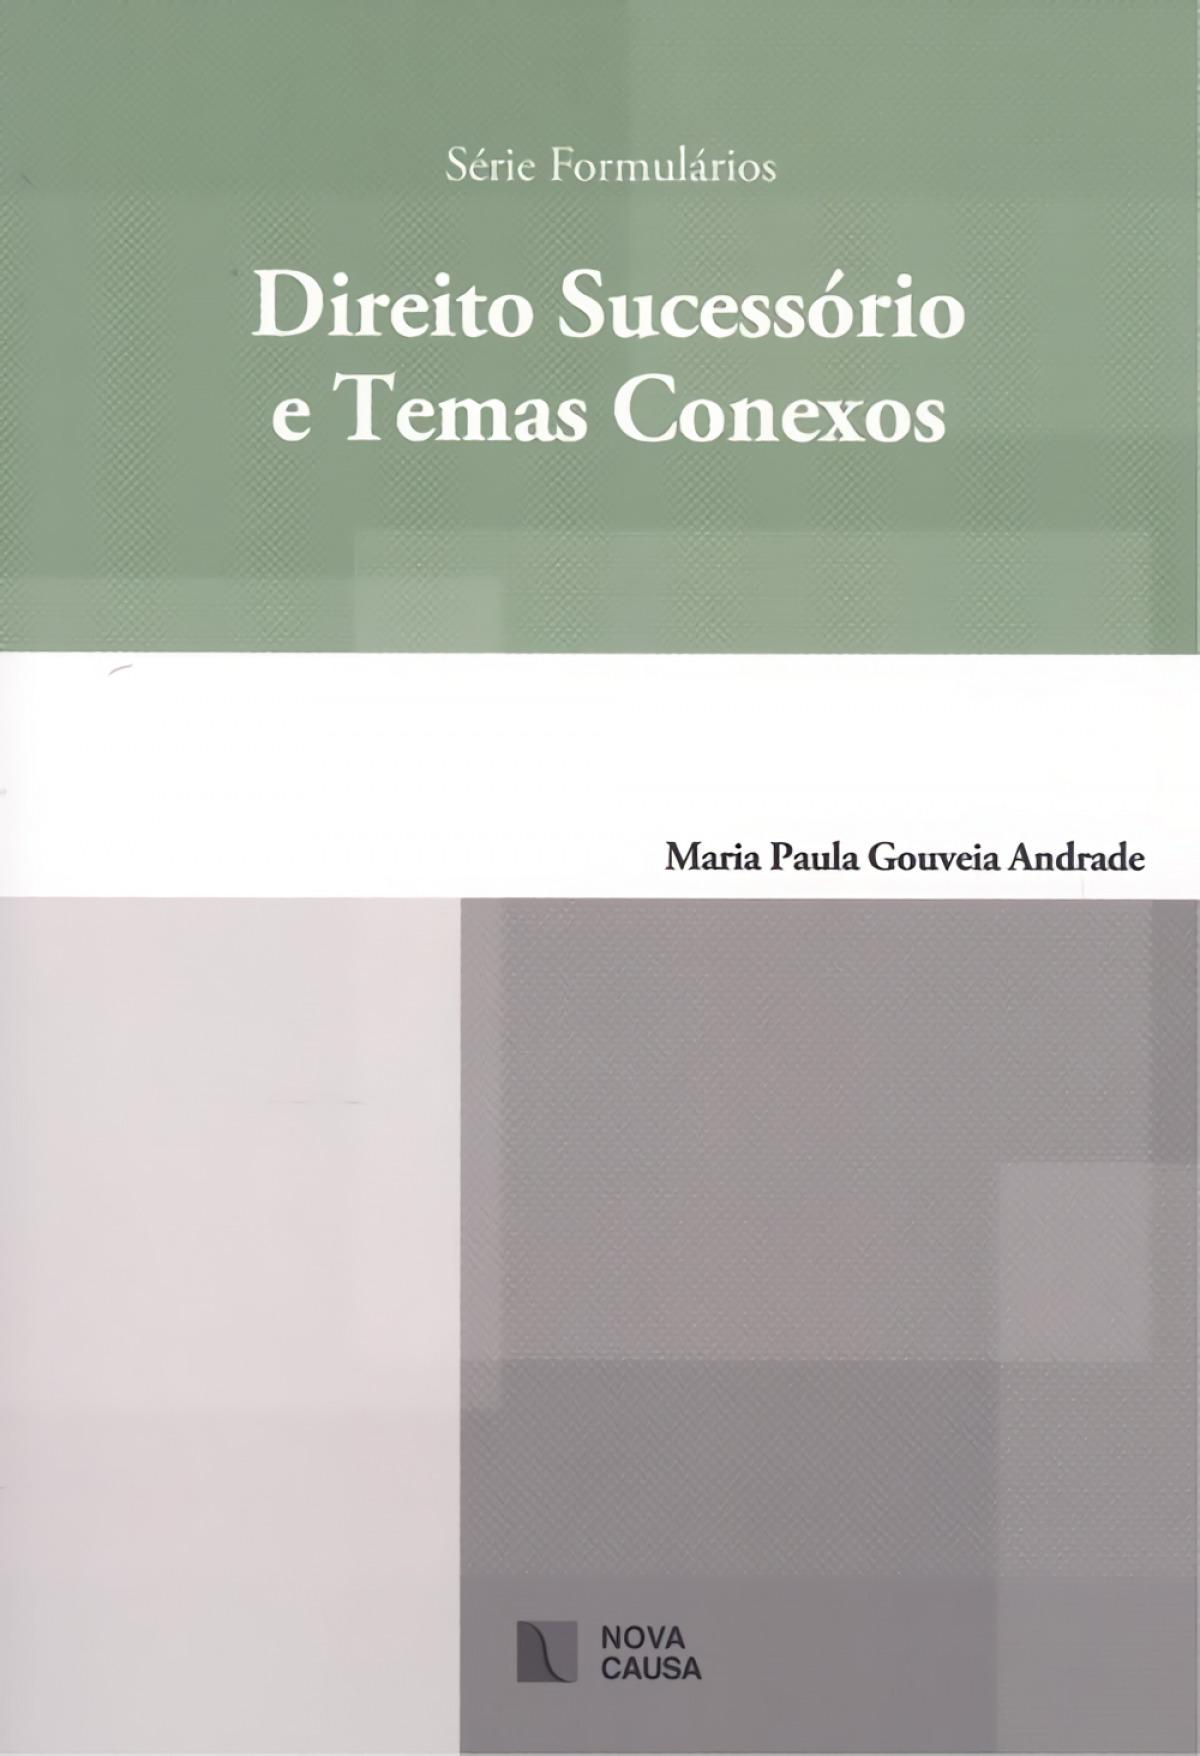 direito sucessorio e temas conexos